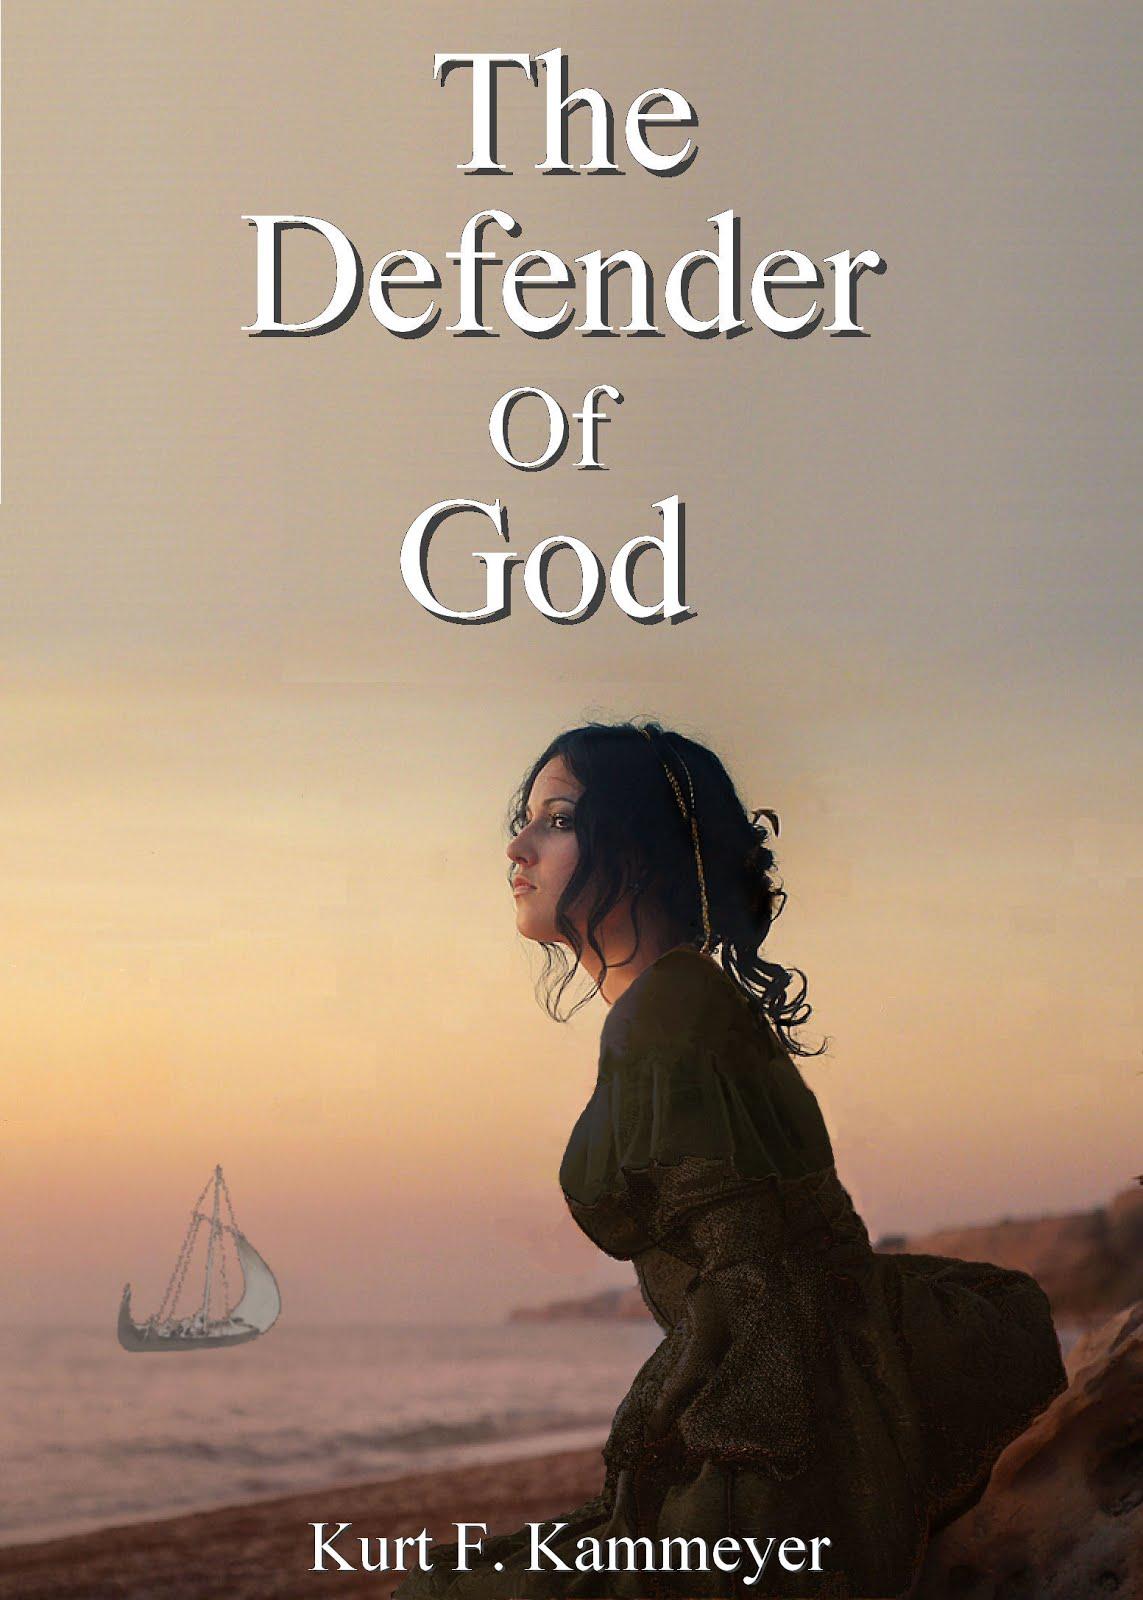 The Defender of God